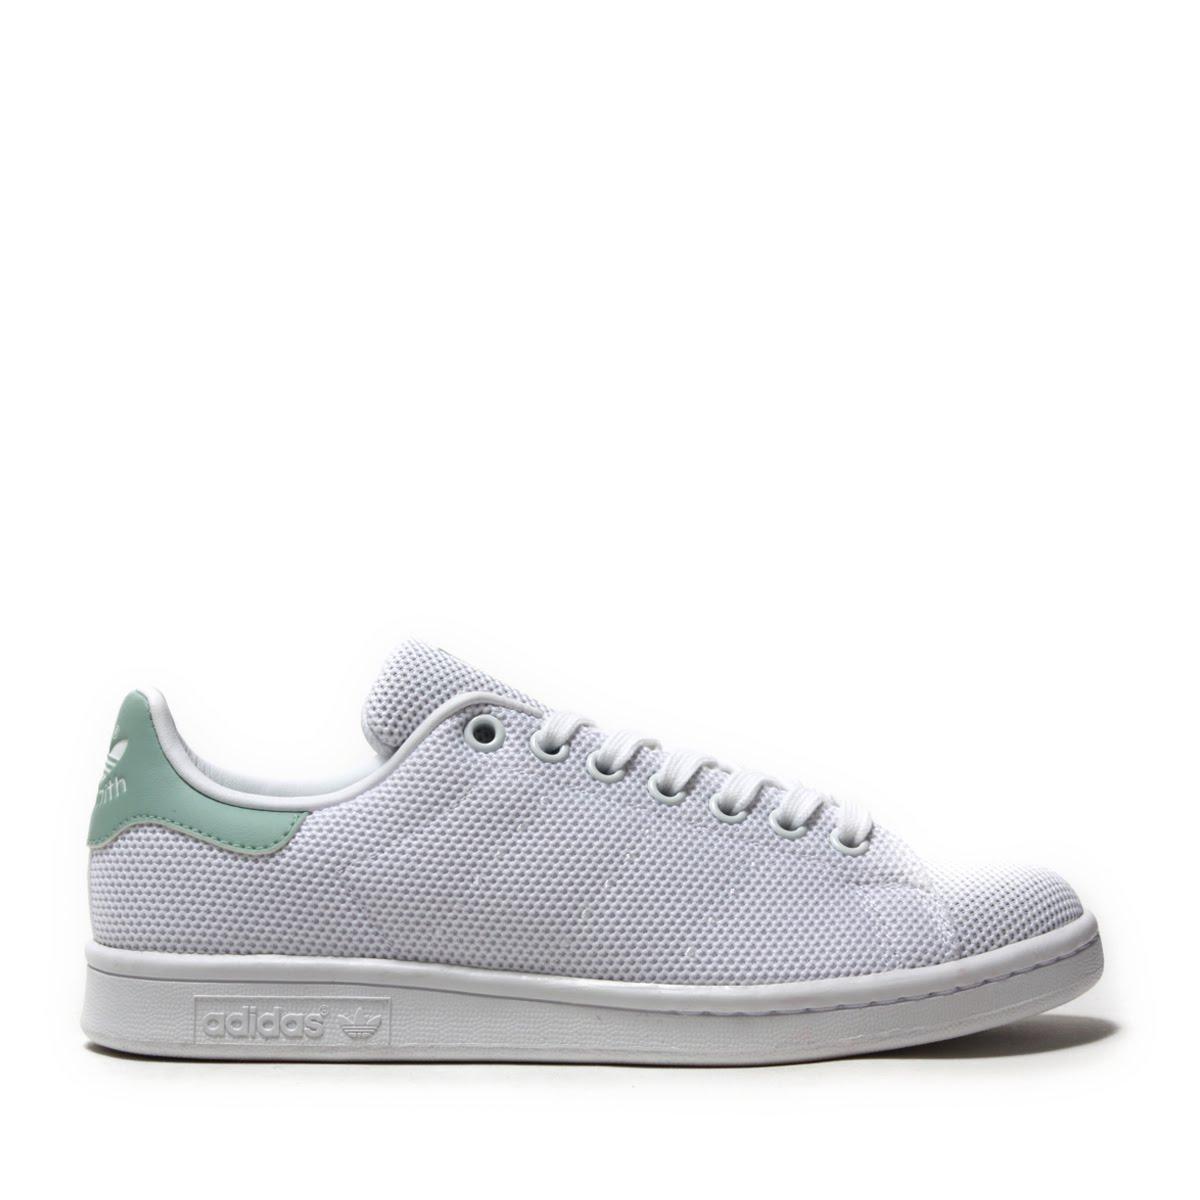 adidas Originals STAN SMITH W (Adidas originals Stan Smith W)Running  White Running White Ash Green 18SS-I 05c0fc607